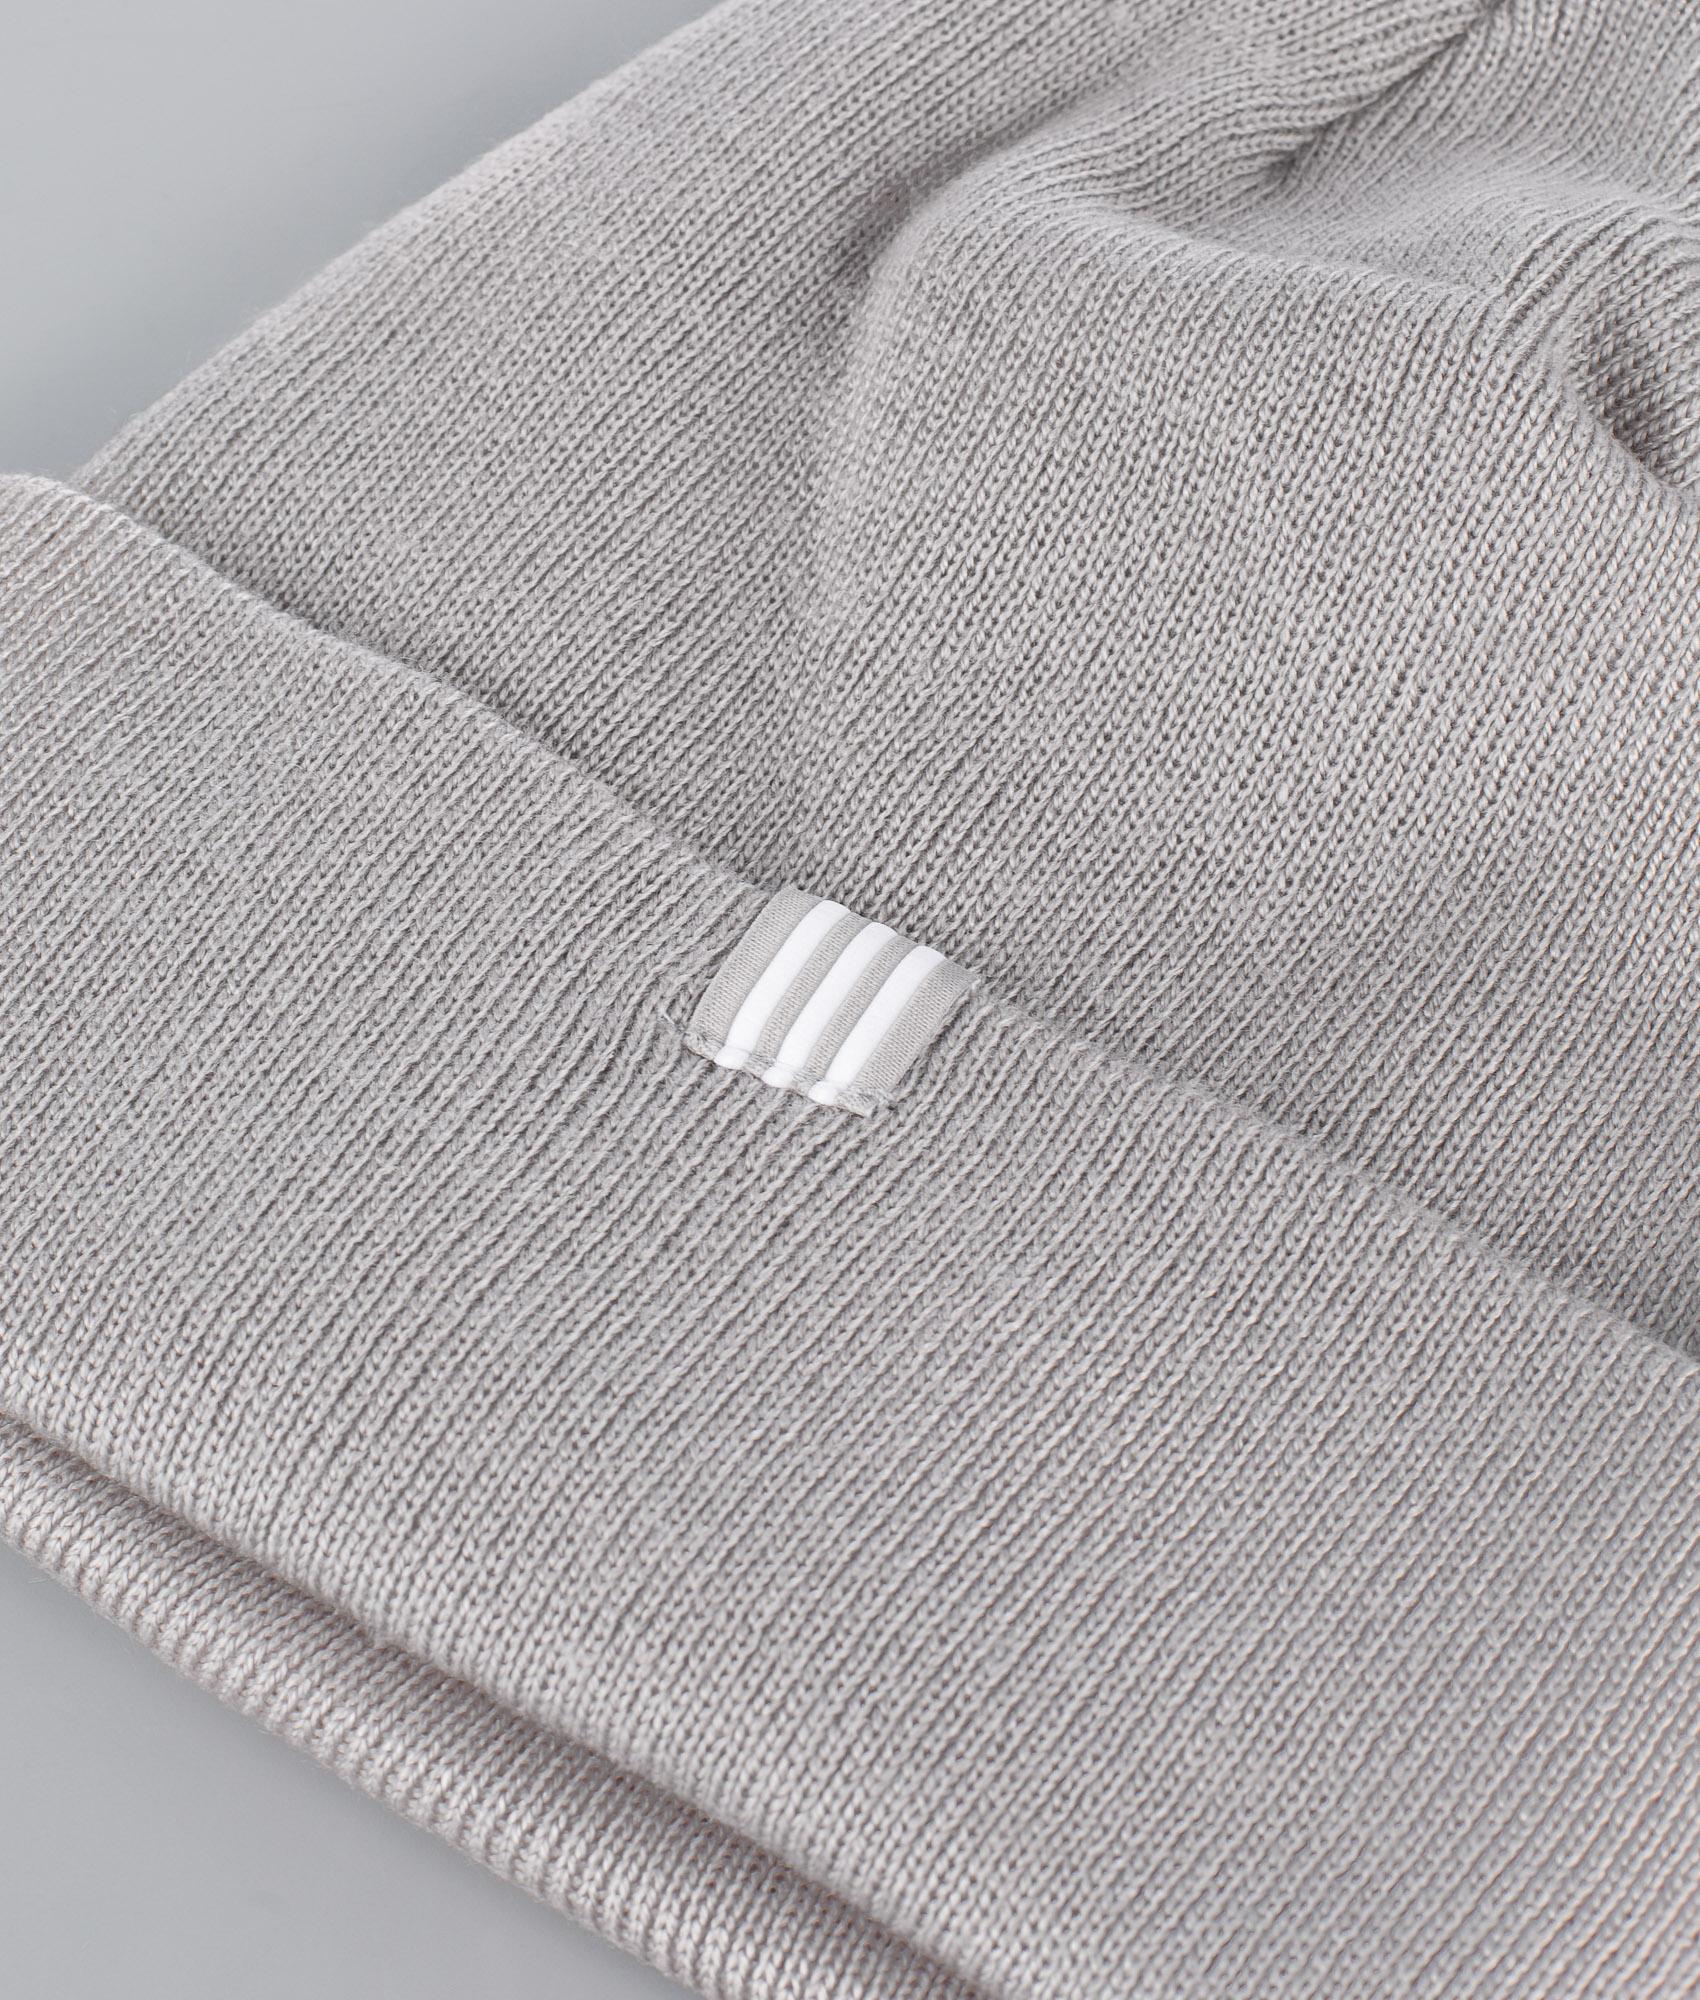 Adidas Originals Trefoil Luer Black